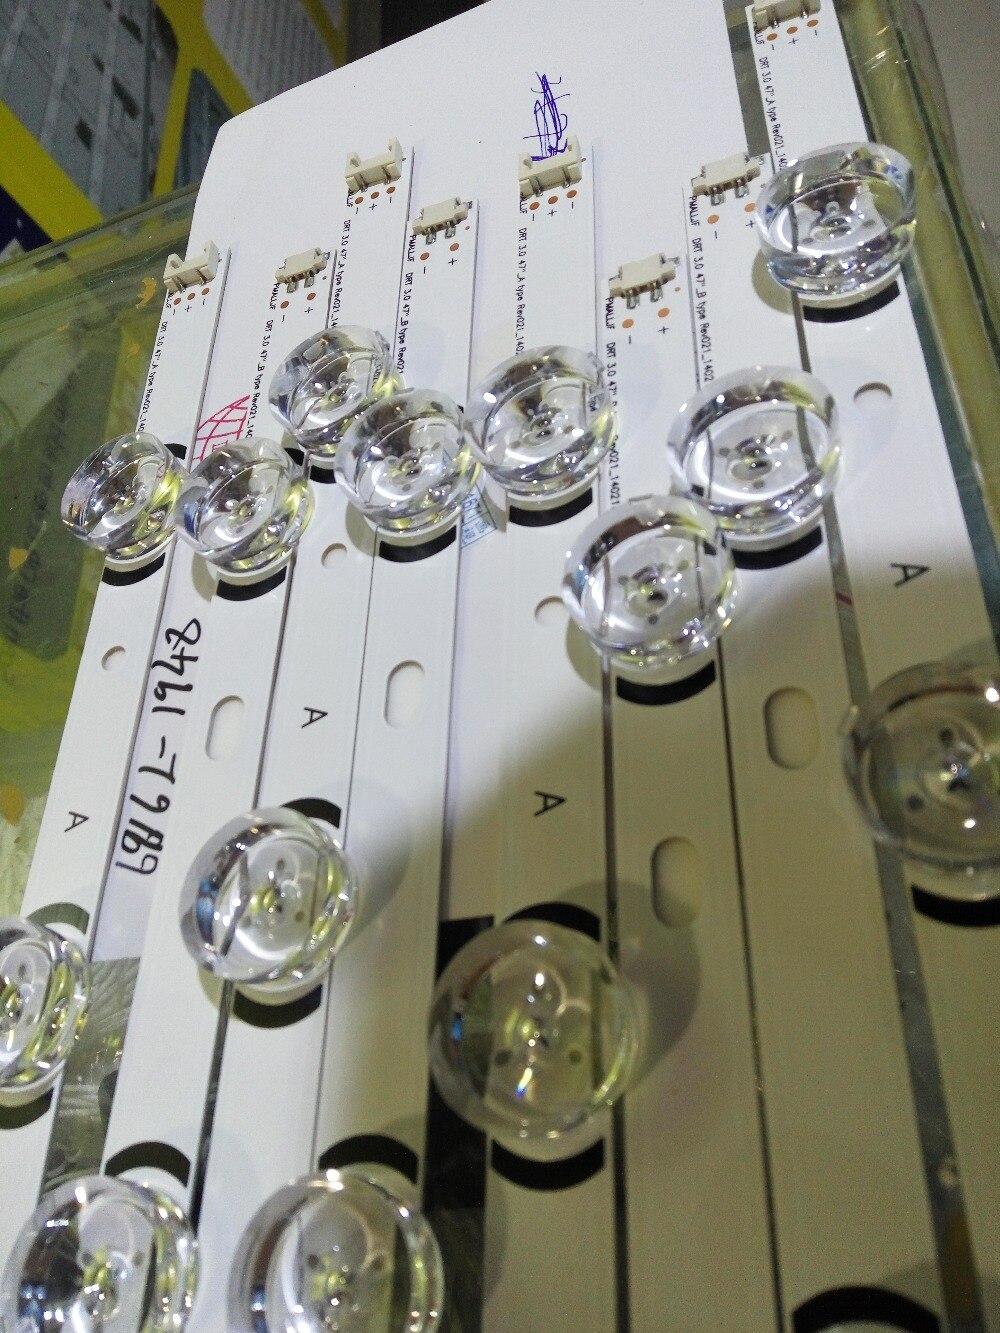 8 adet yeni 5 + 4LED şerit nnotek DRT 3.0 6916L-1948A 6916L-1949A 6916L-1961A 6916L-1962A 6916-1715A 6916L-1716A için 47LB5610-CD